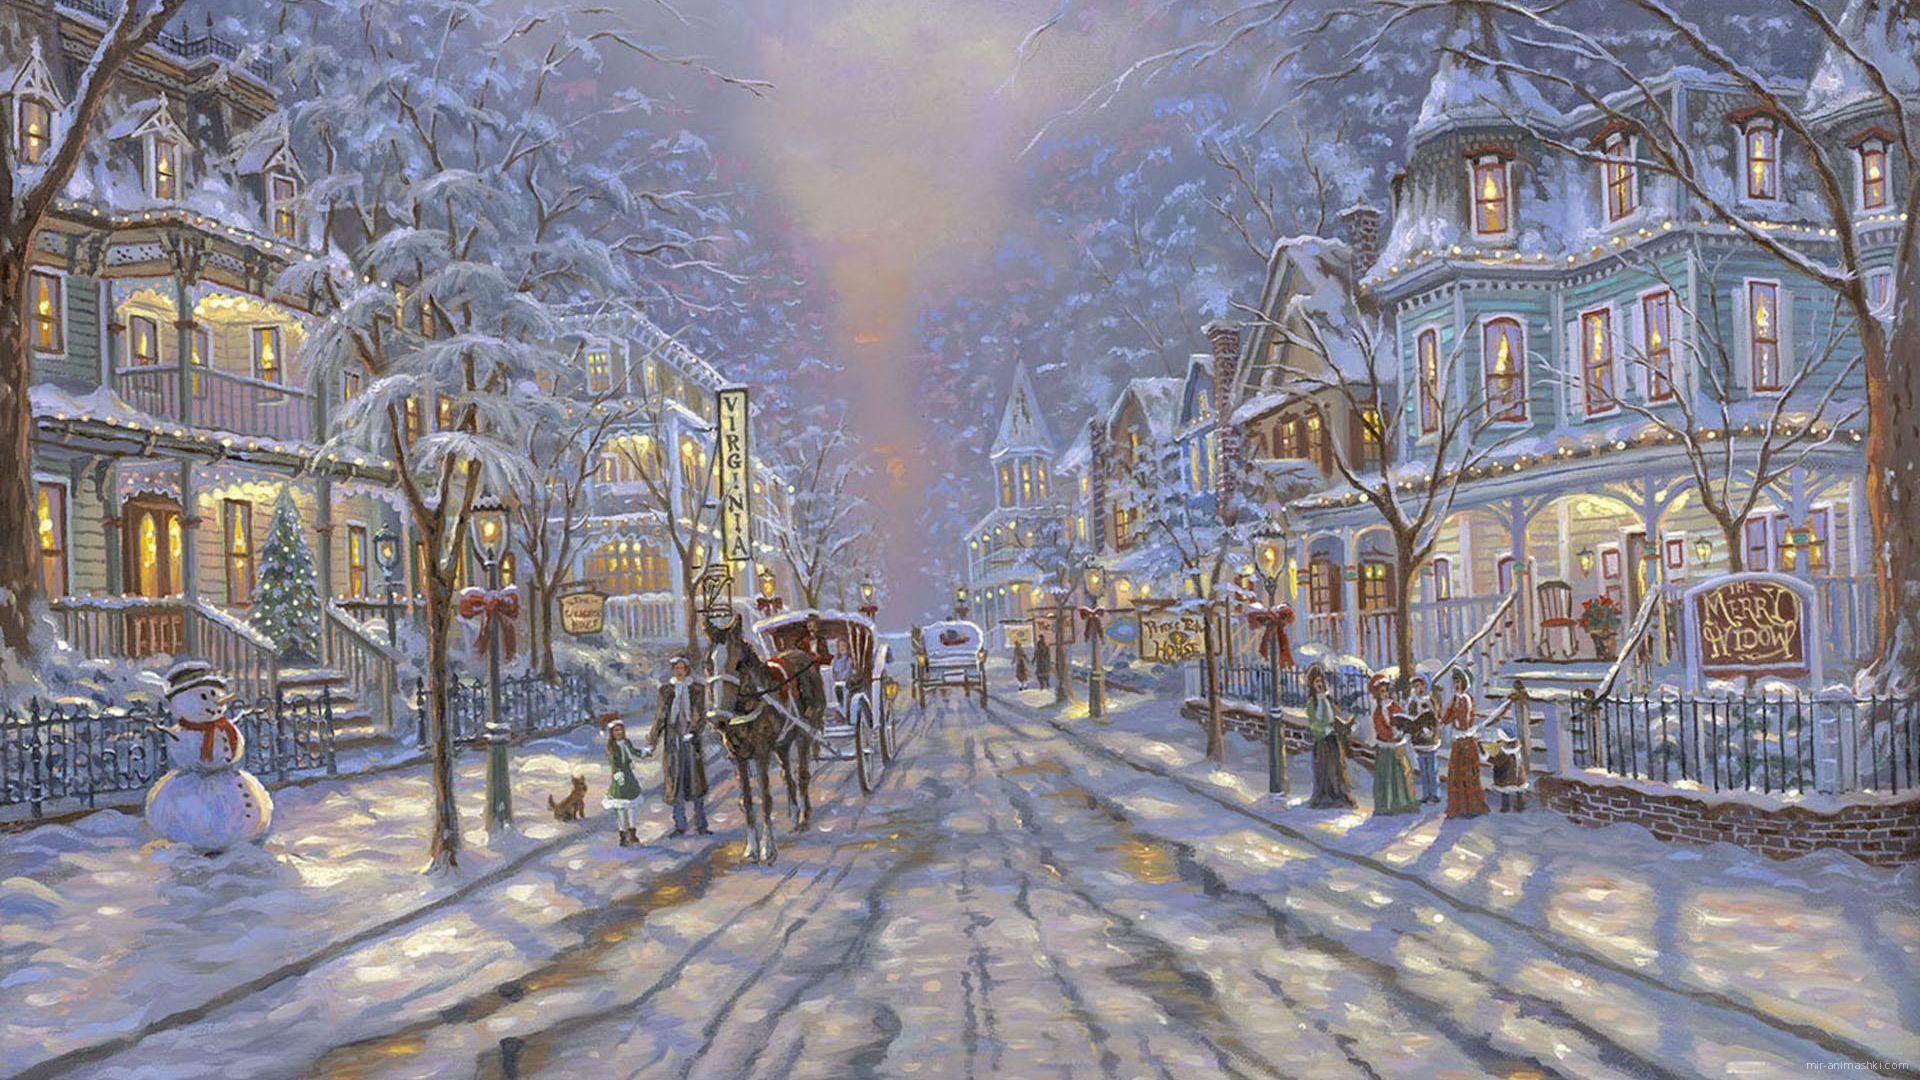 Вечер перед Рождеством - C Рождеством Христовым поздравительные картинки